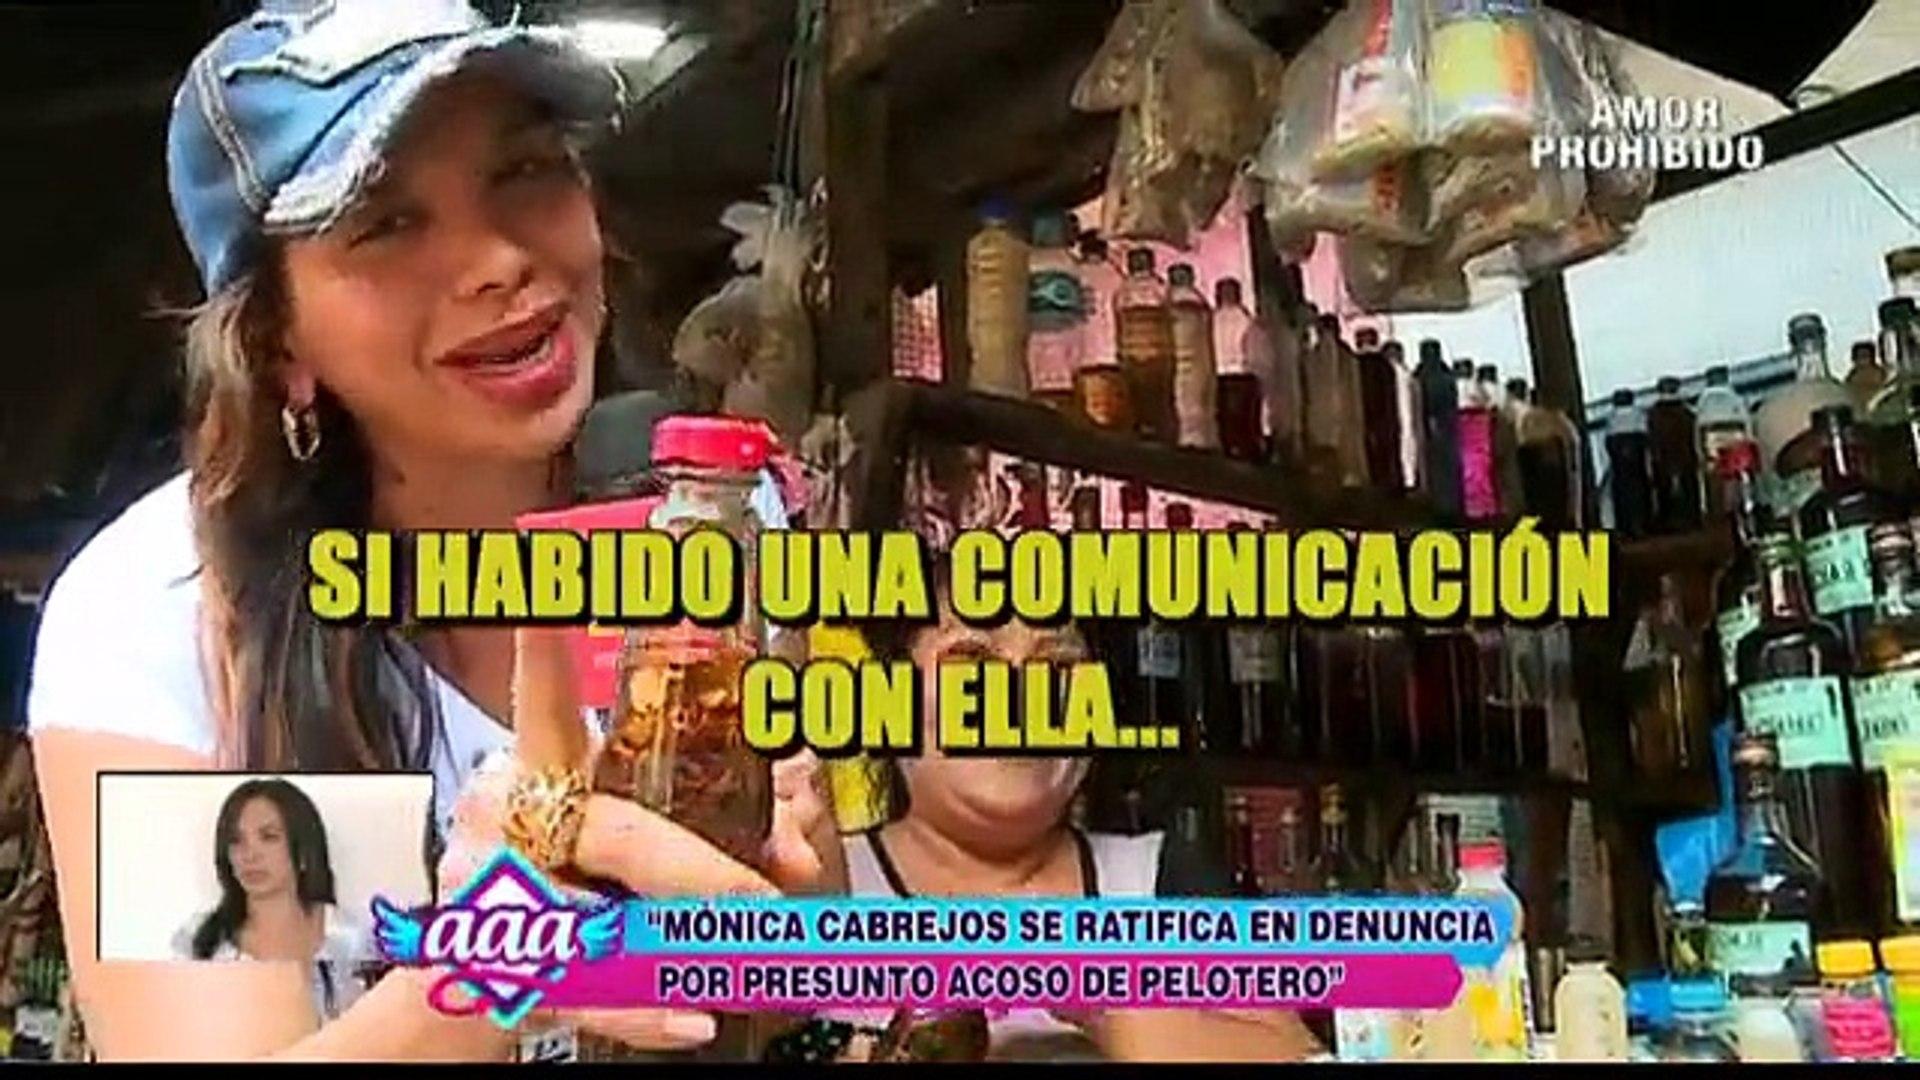 AMOR AMOR AMOR 10-12-2015 : Mónica Cabrejos - esta es la verdad sobre presunto acoso de pelotero